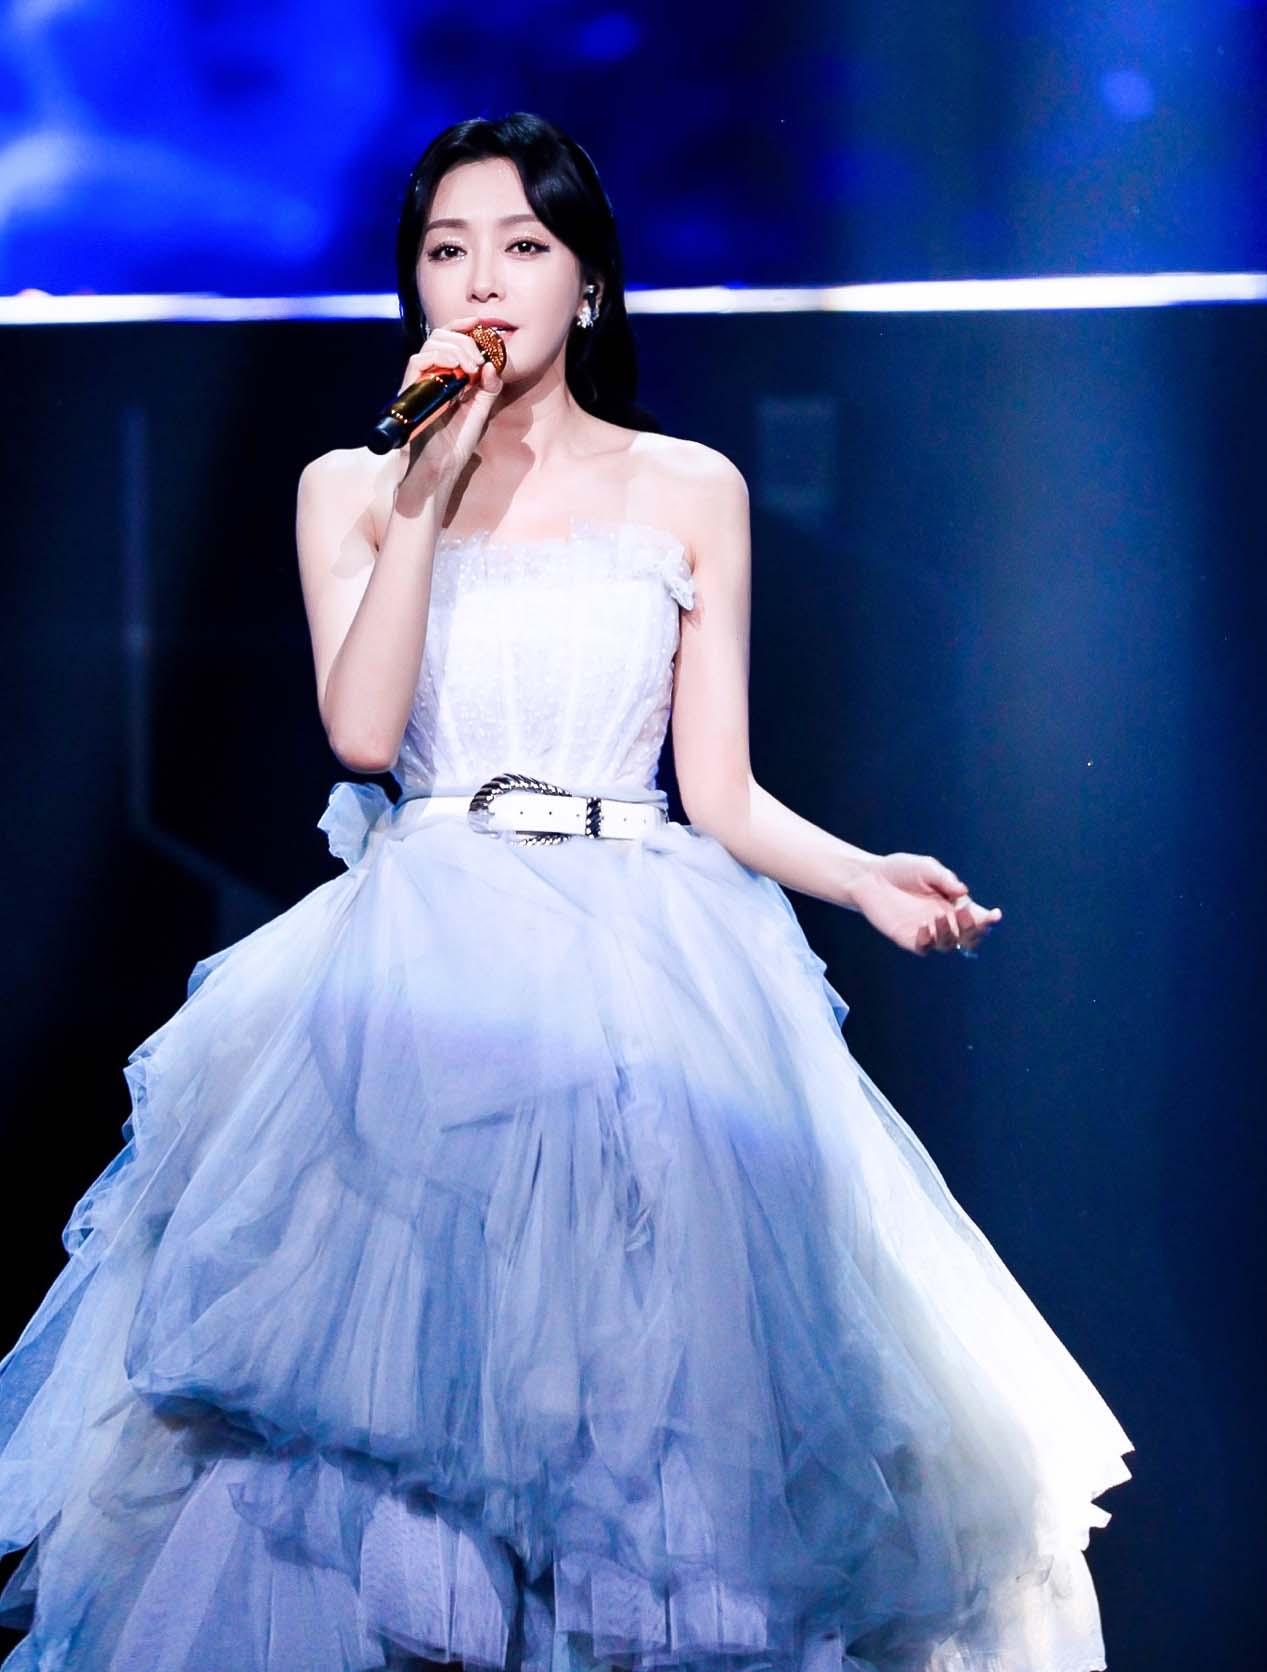 秦岚双十一晚会献唱《逆流而上的你》 白色投影长裙梦幻飘逸